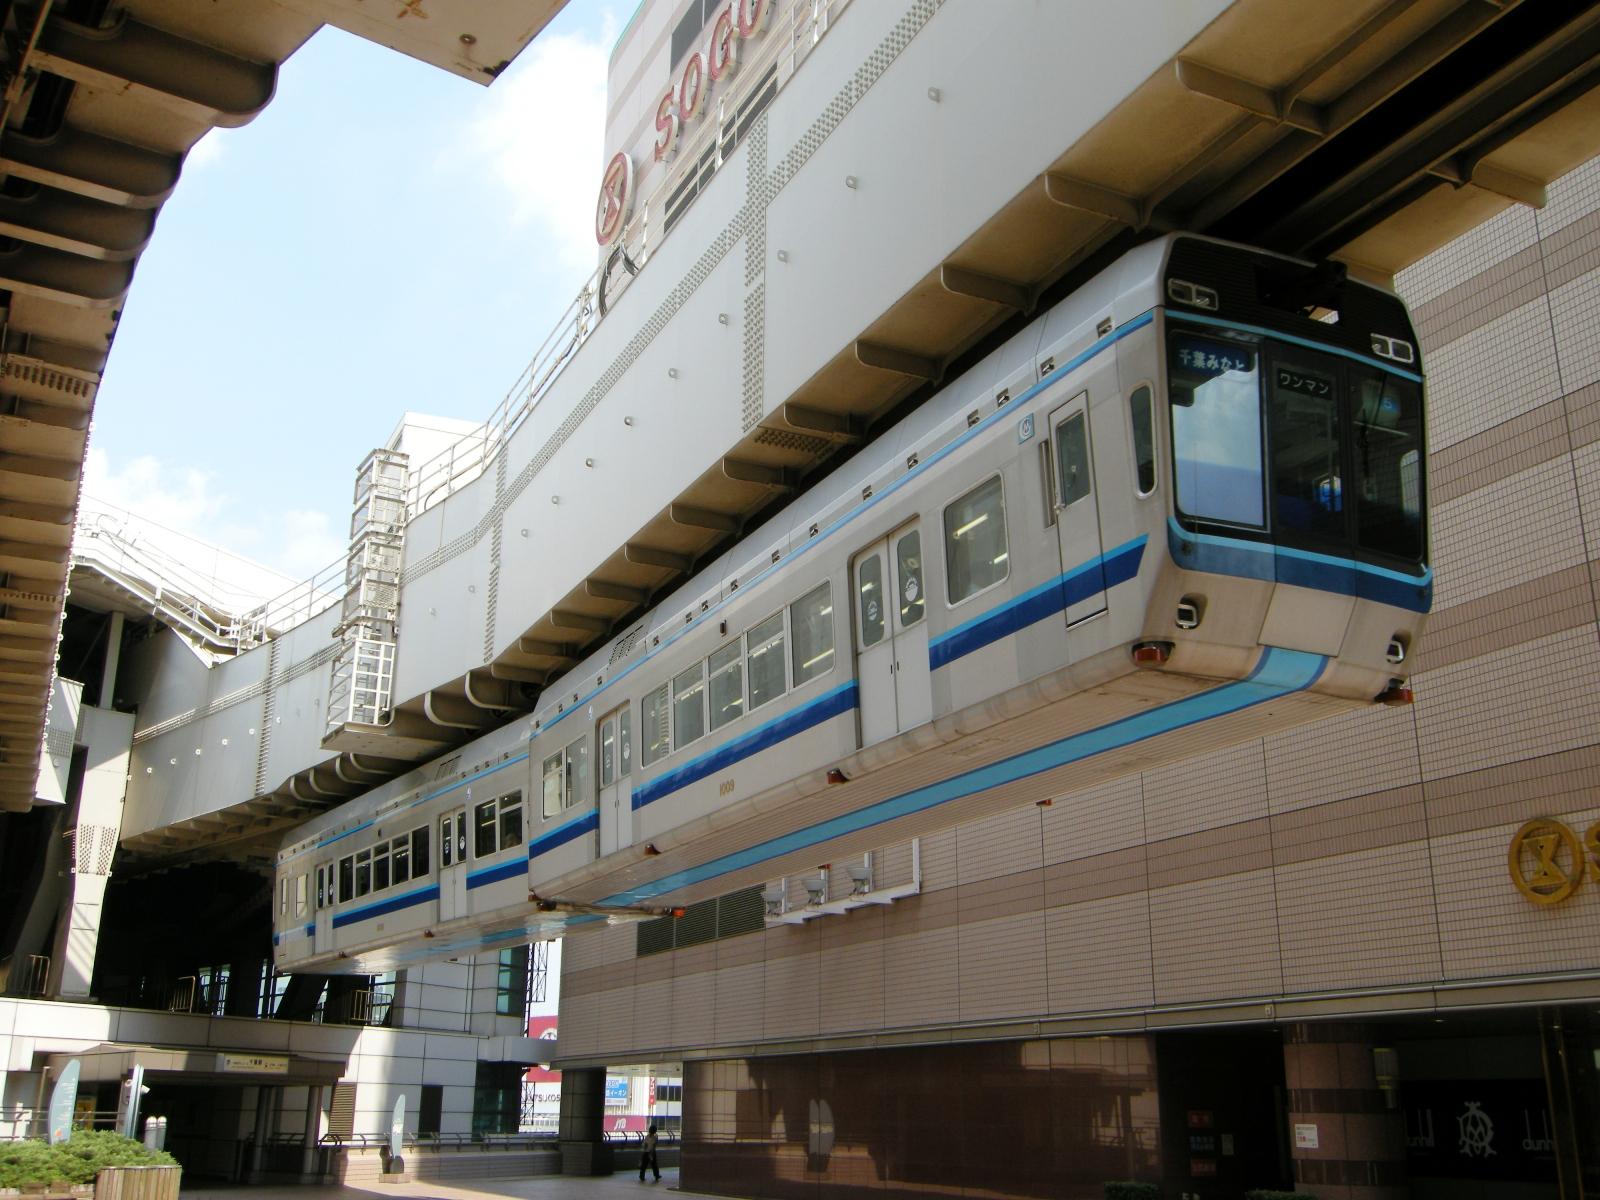 chiba_urban_monorail_series_1000